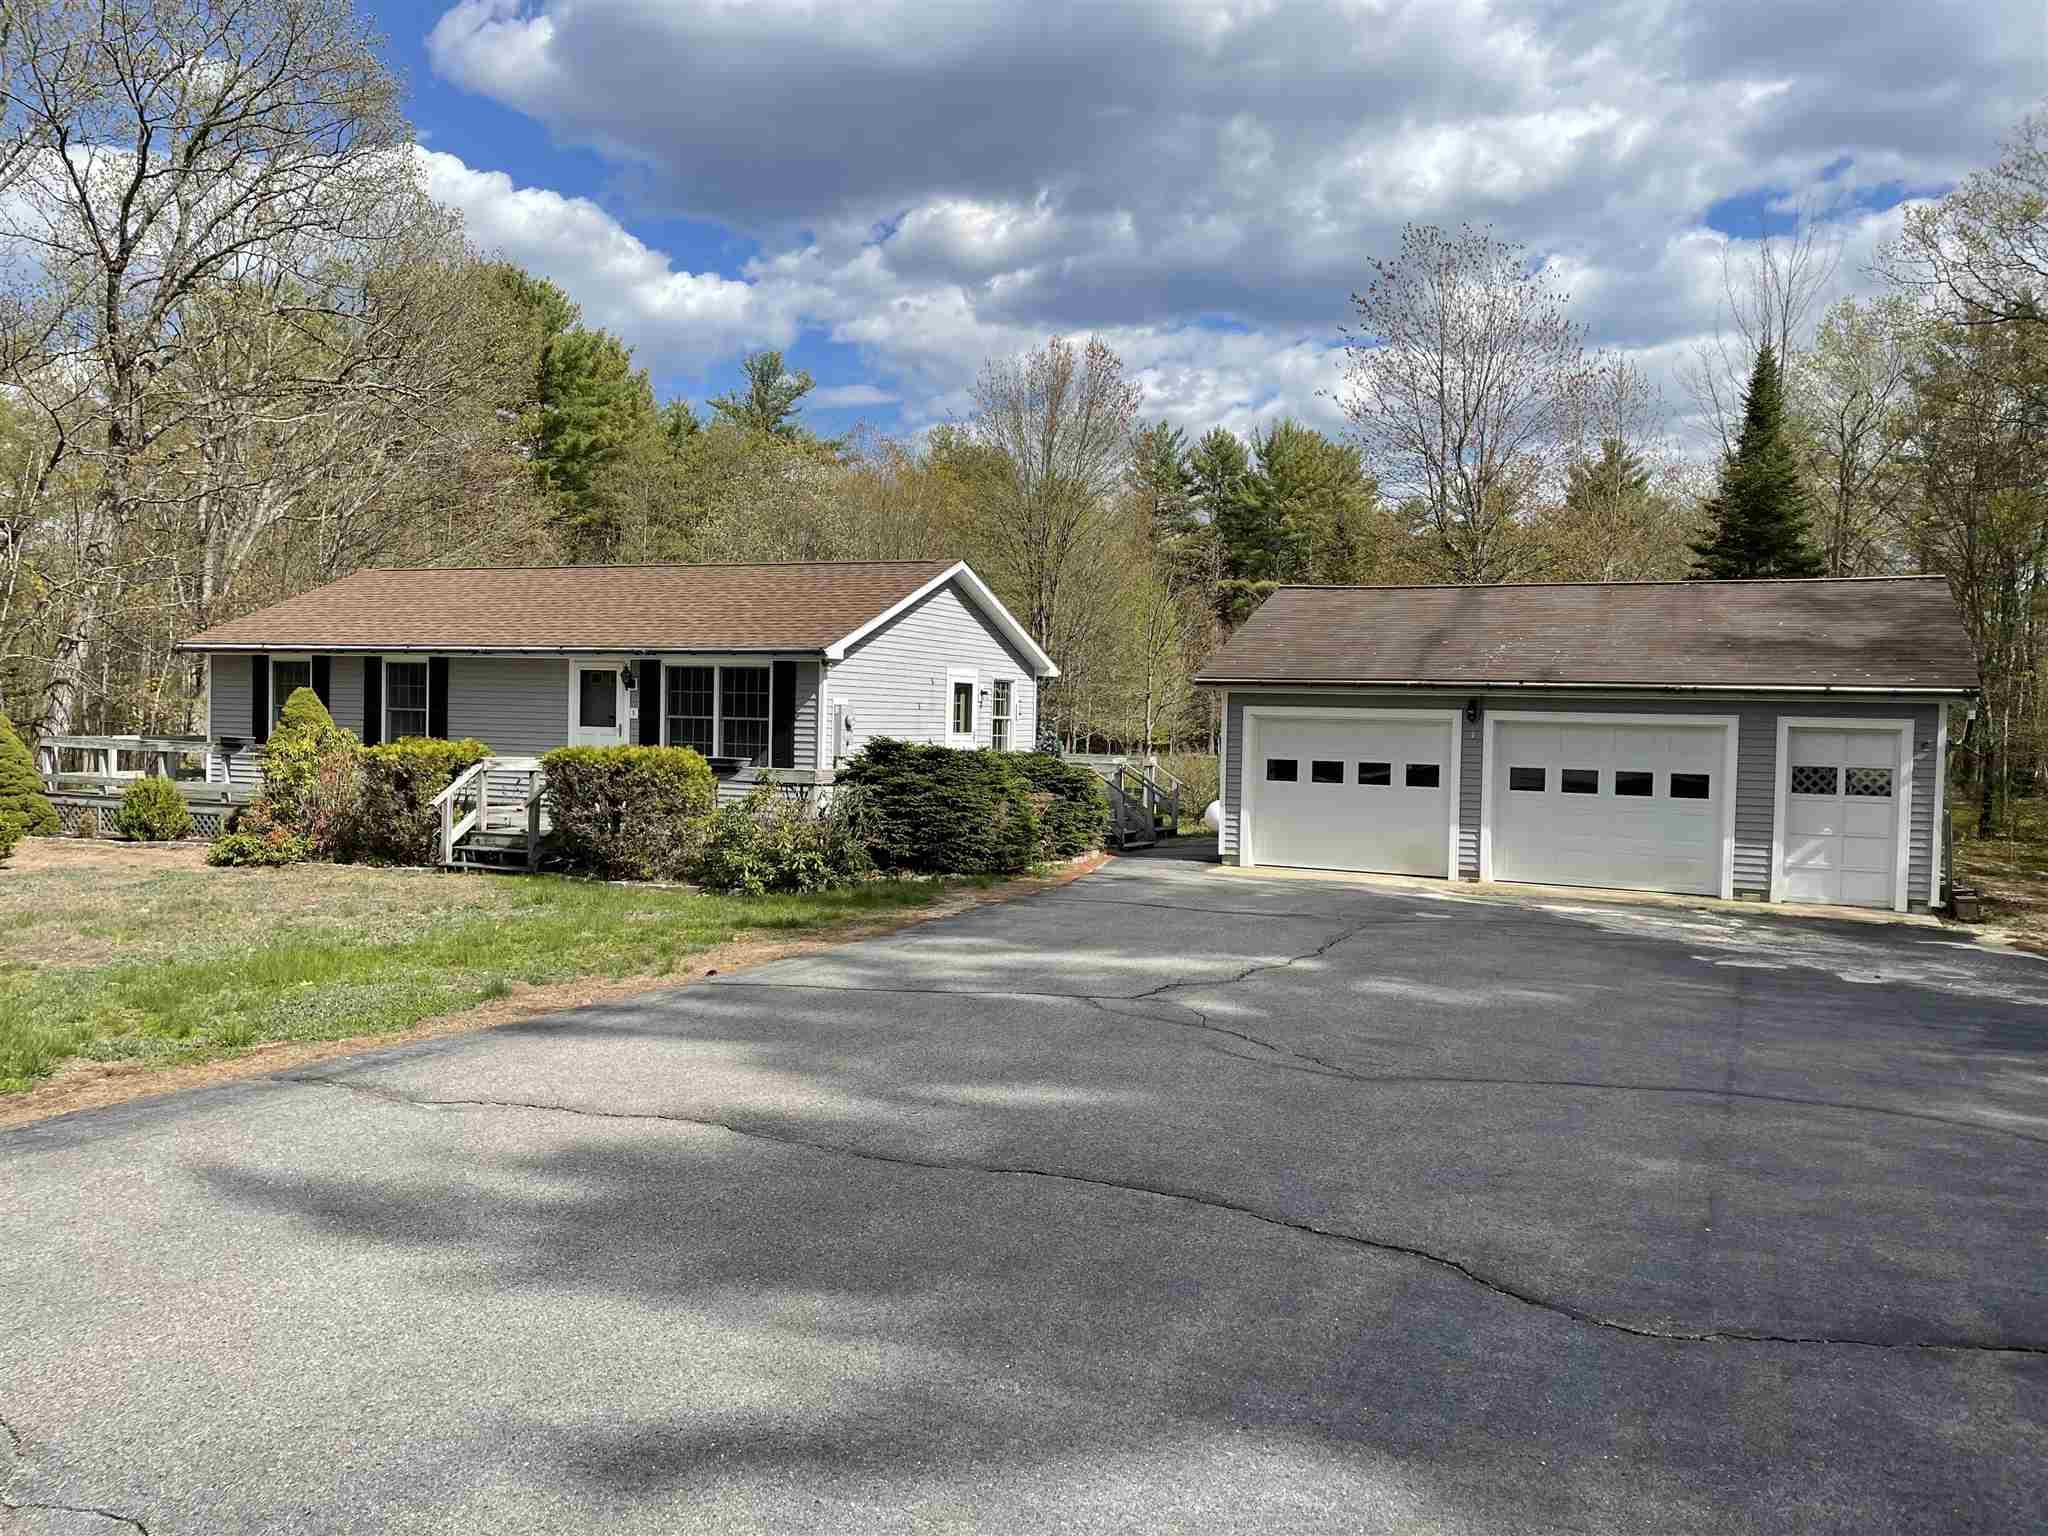 Photo of 36 Shirley Way Tuftonboro NH 03853